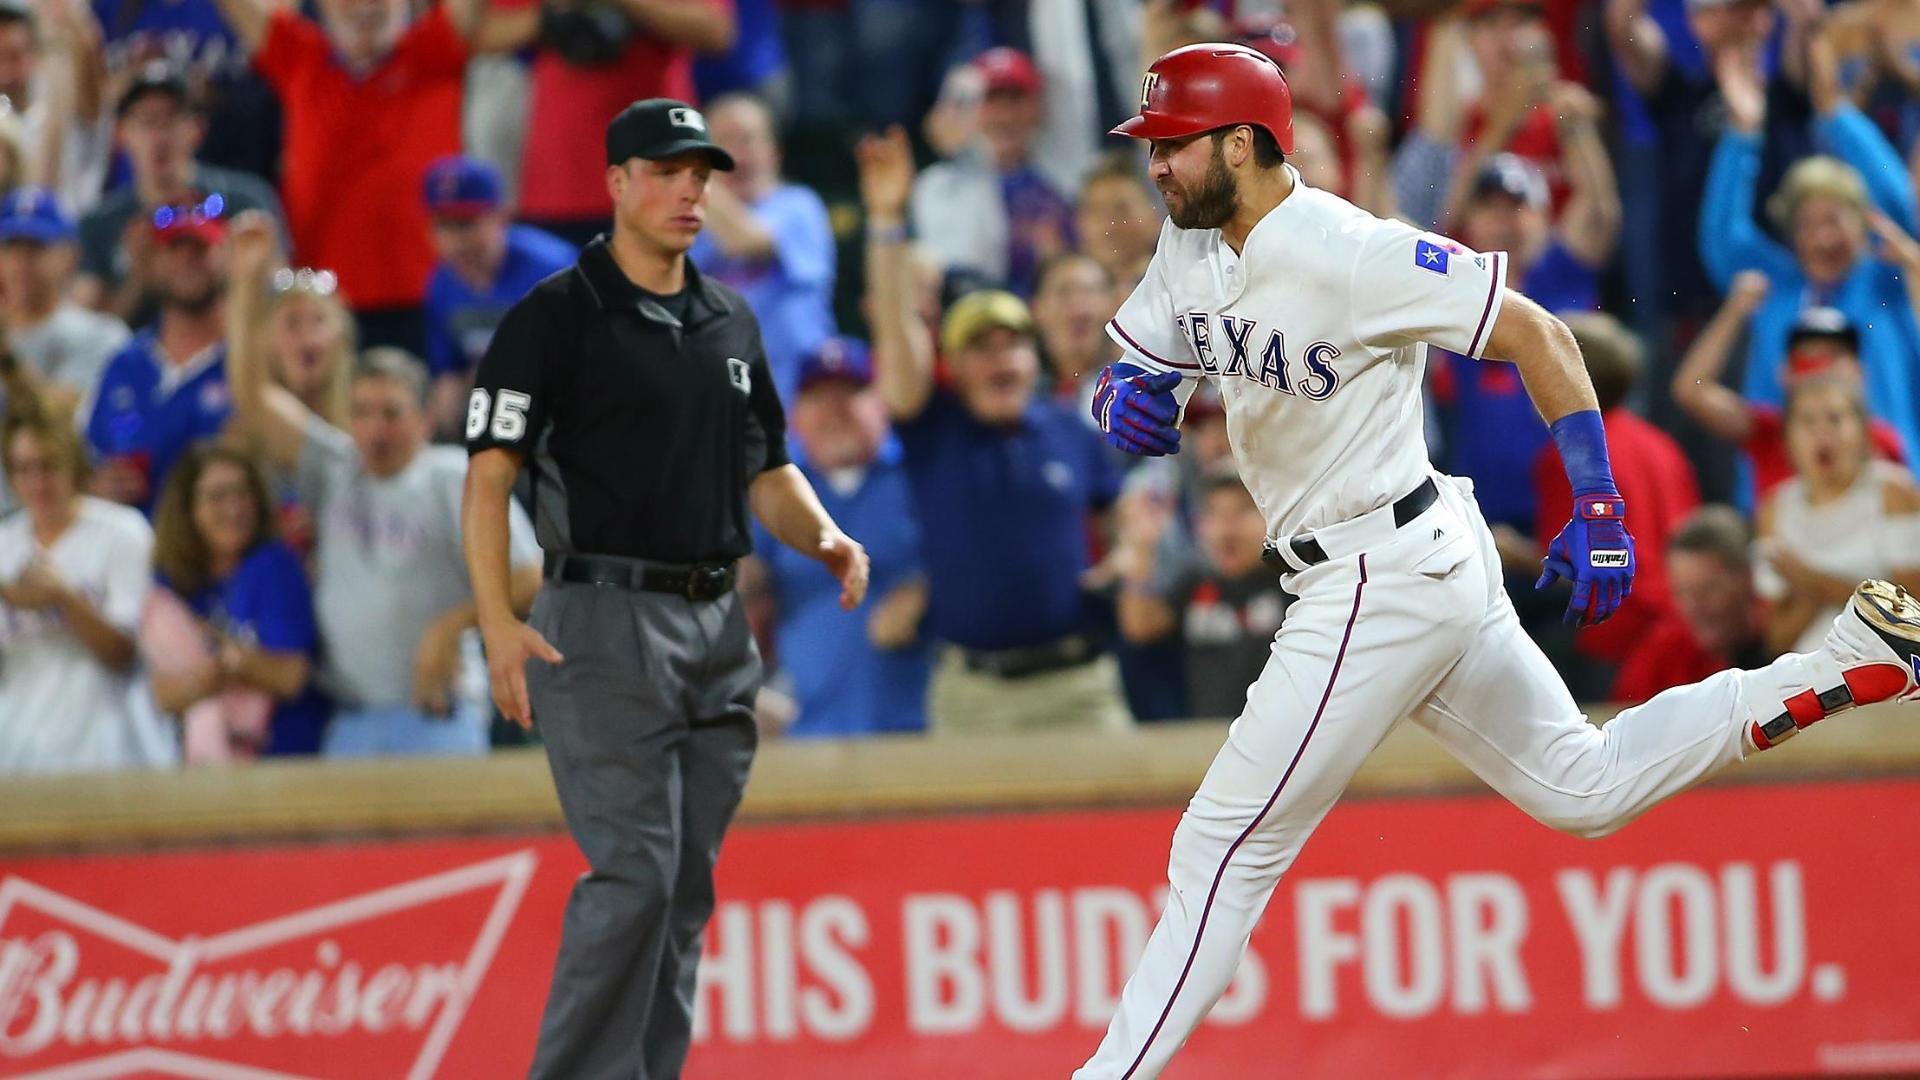 http://a.espncdn.com/media/motion/2017/0513/dm_170512_MLB_Rangers_Gallo_walk_off_homer219/dm_170512_MLB_Rangers_Gallo_walk_off_homer219.jpg